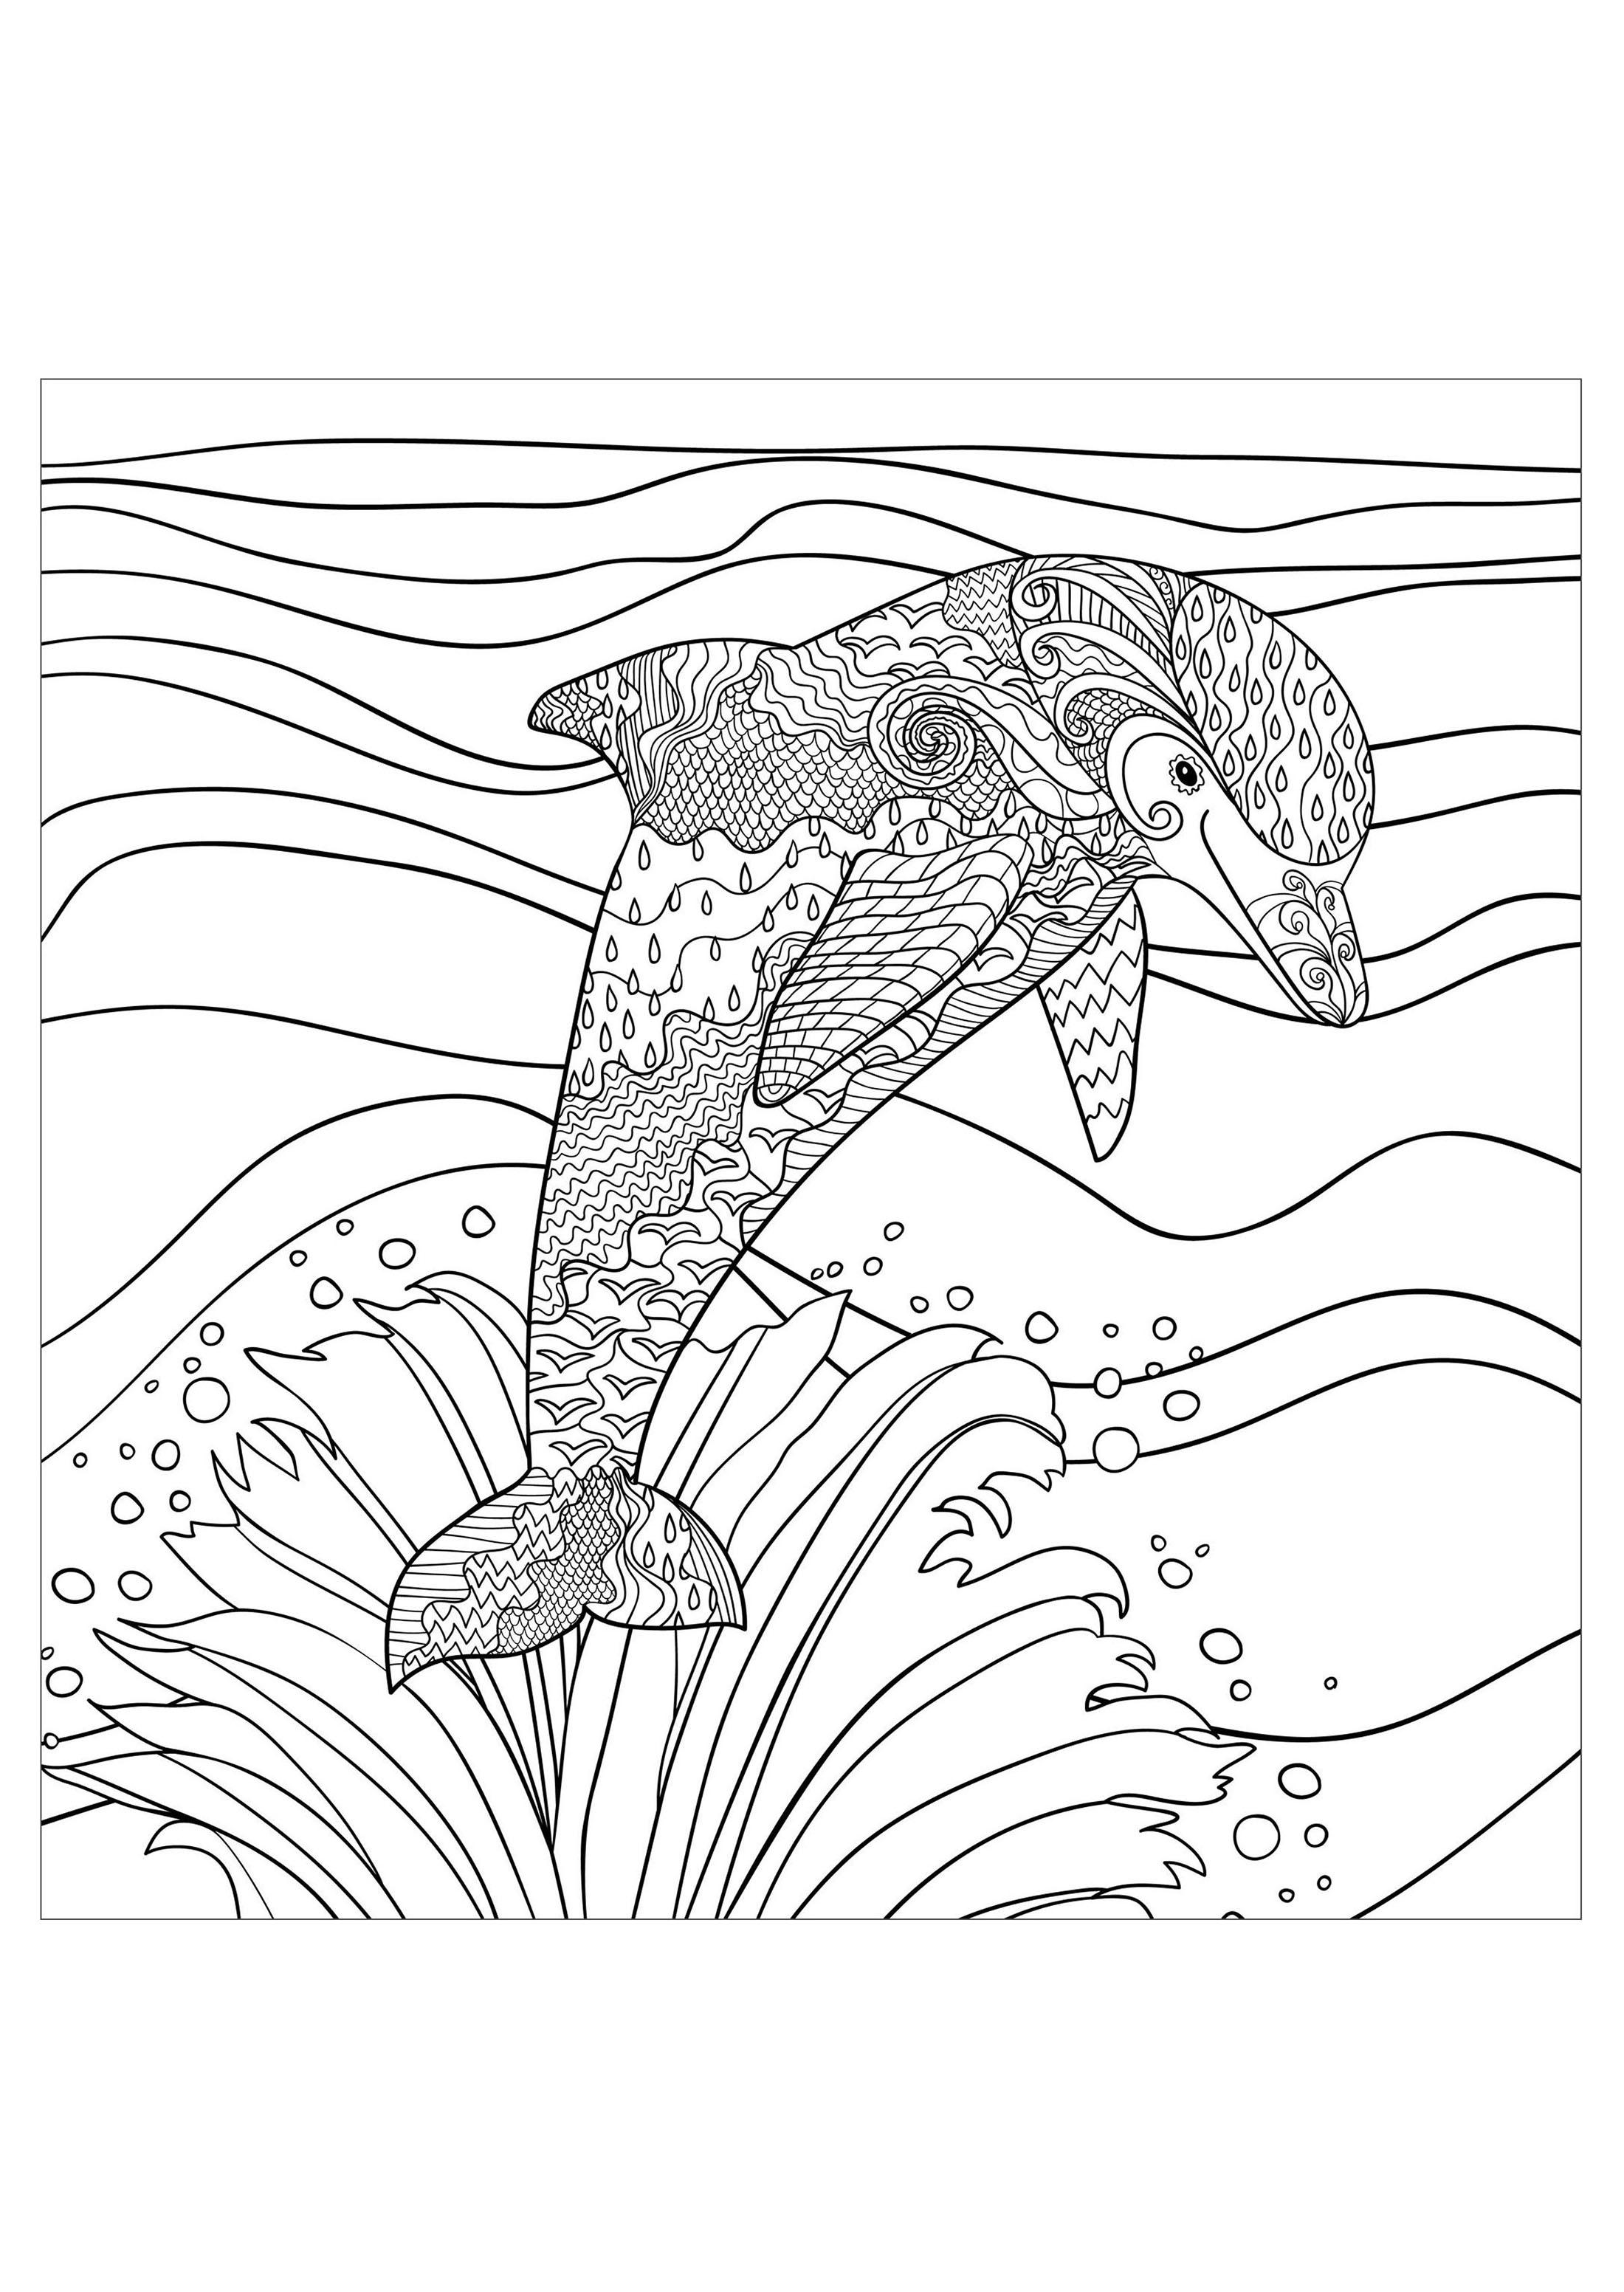 Colorear para adultos  : Delfines - 2